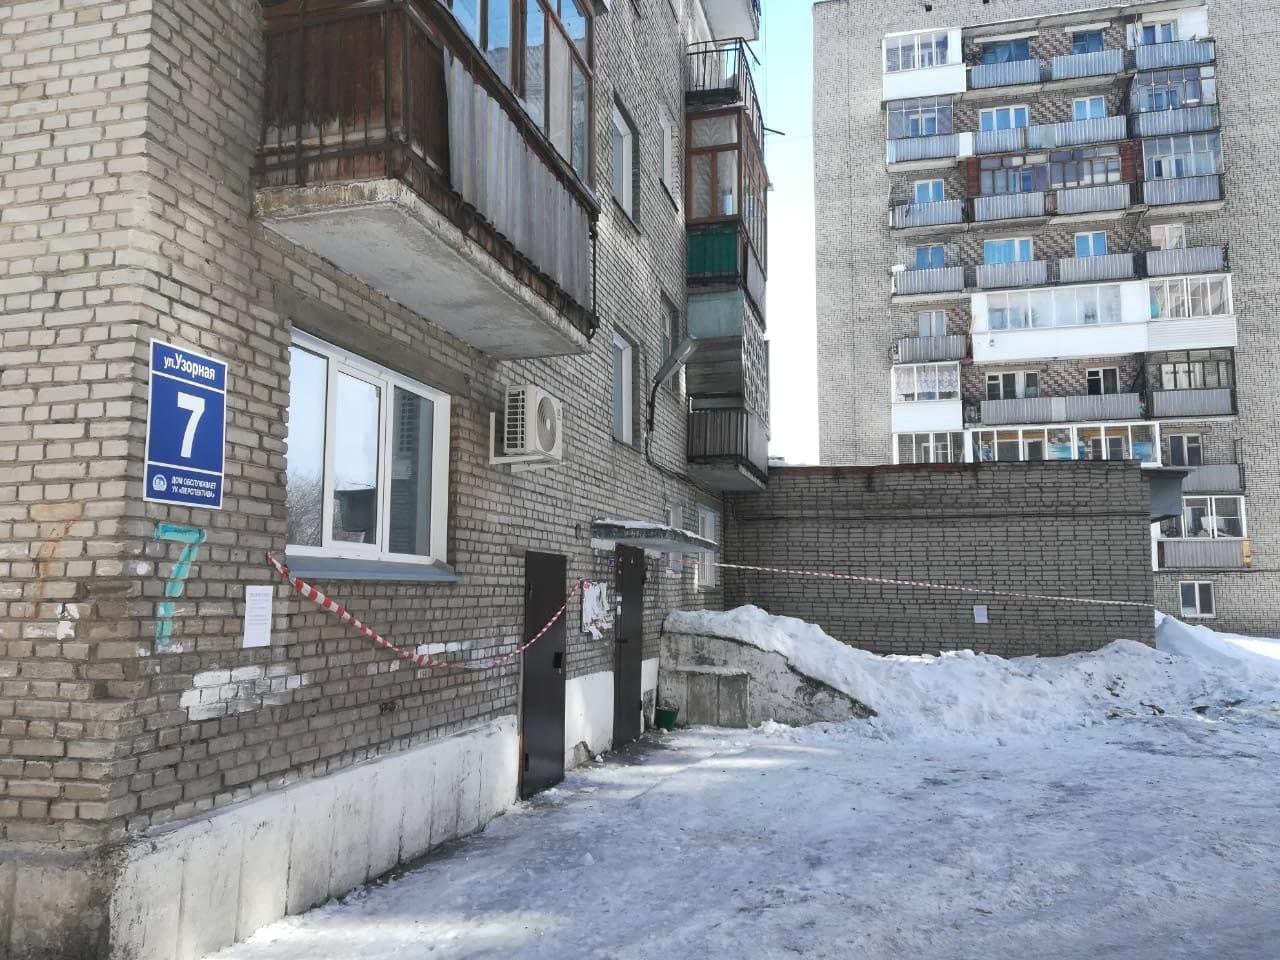 Фото Кровь на снегу: в Новосибирске сосулька-убийца размозжила голову пенсионерке – подробности трагедии 3